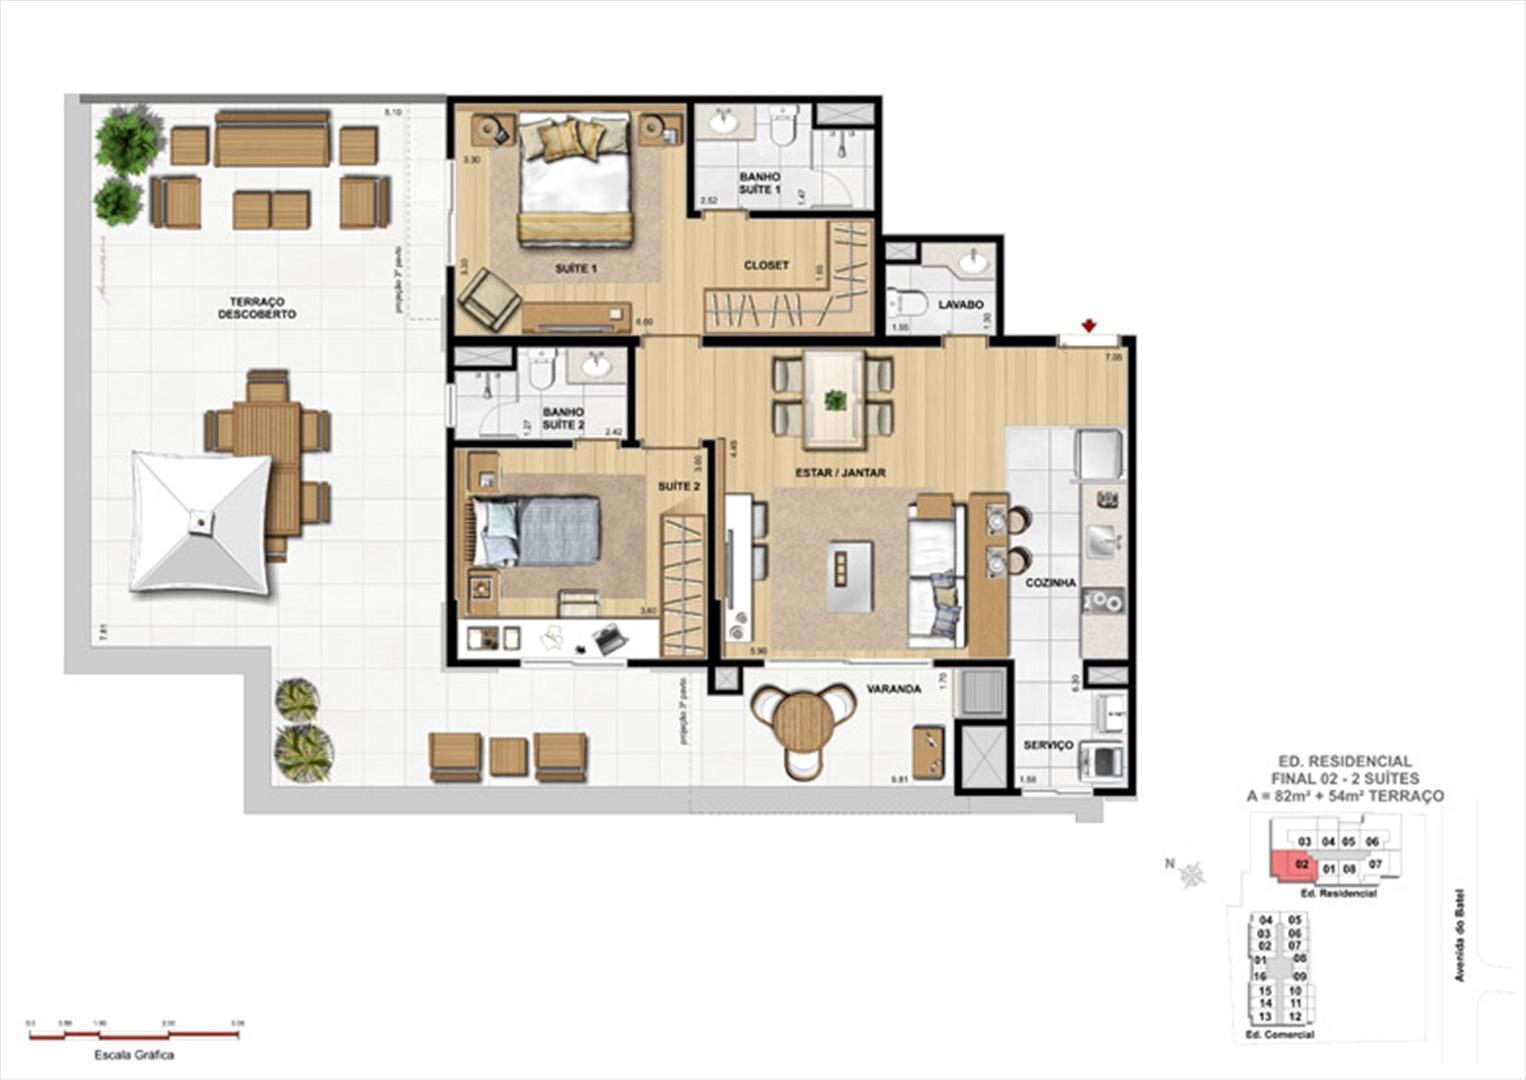 Apartamento 2 Suítes com Terraço | 1550 Batel (Home Batel) – Apartamento no  Batel - Curitiba - Paraná